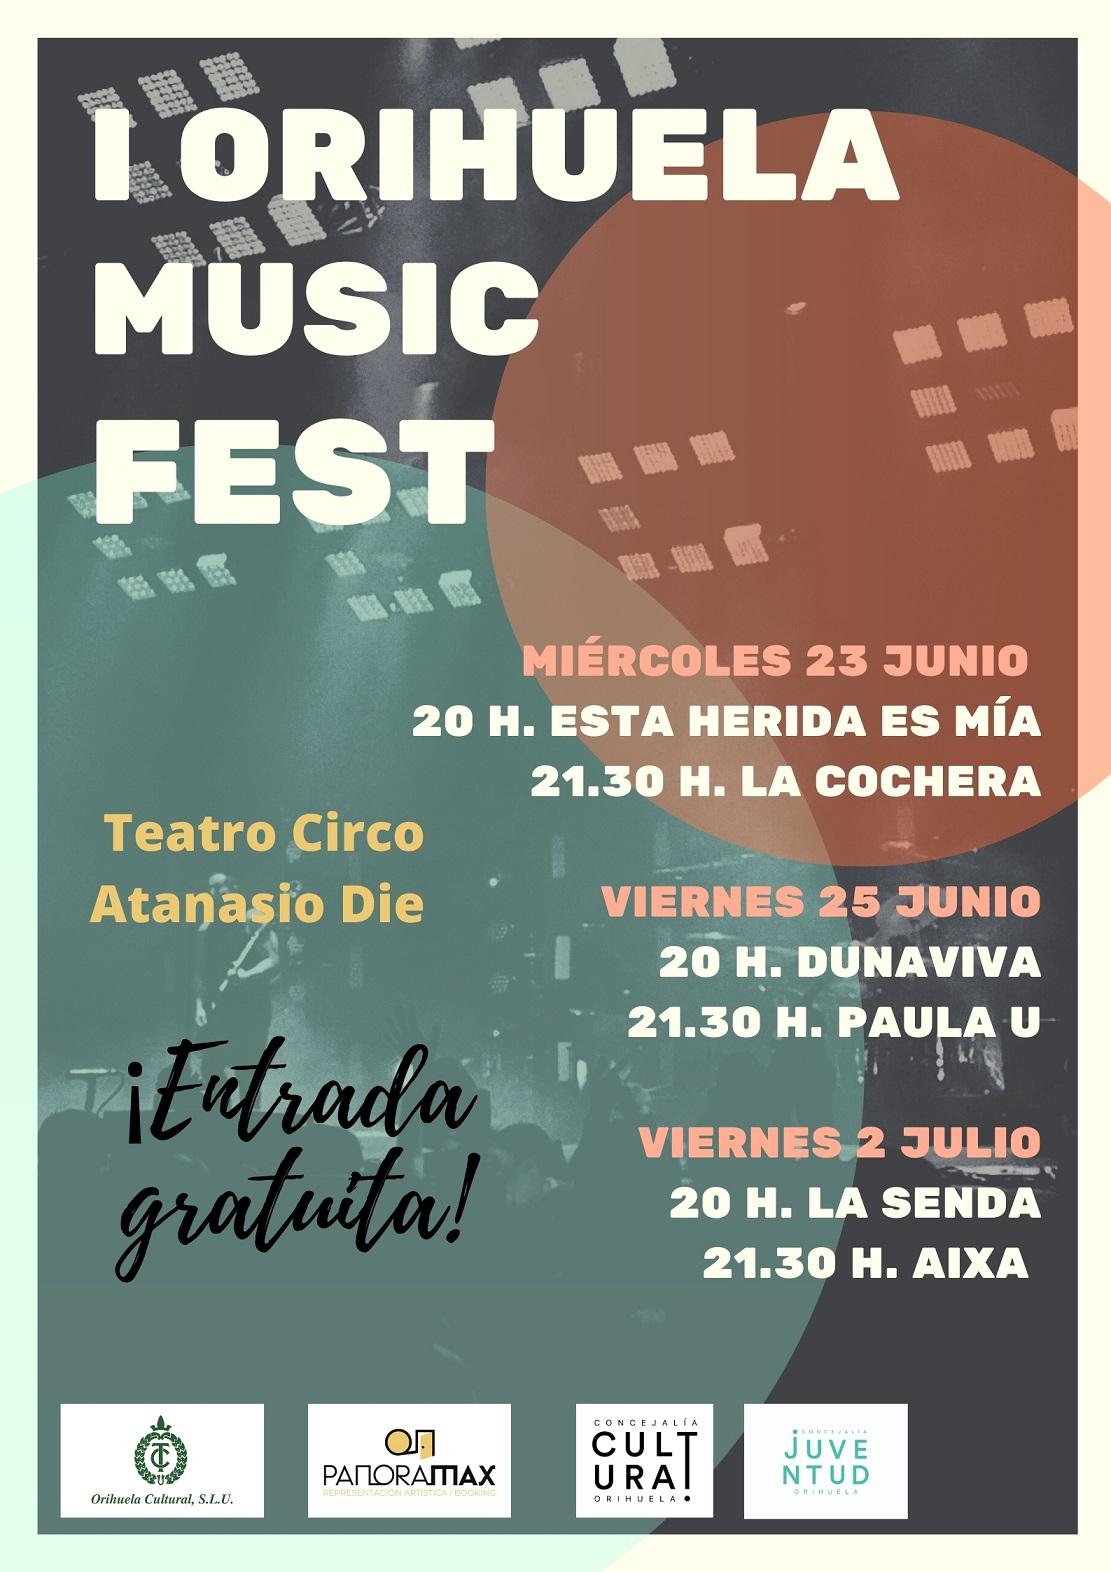 cartel del primer orihuela music fest